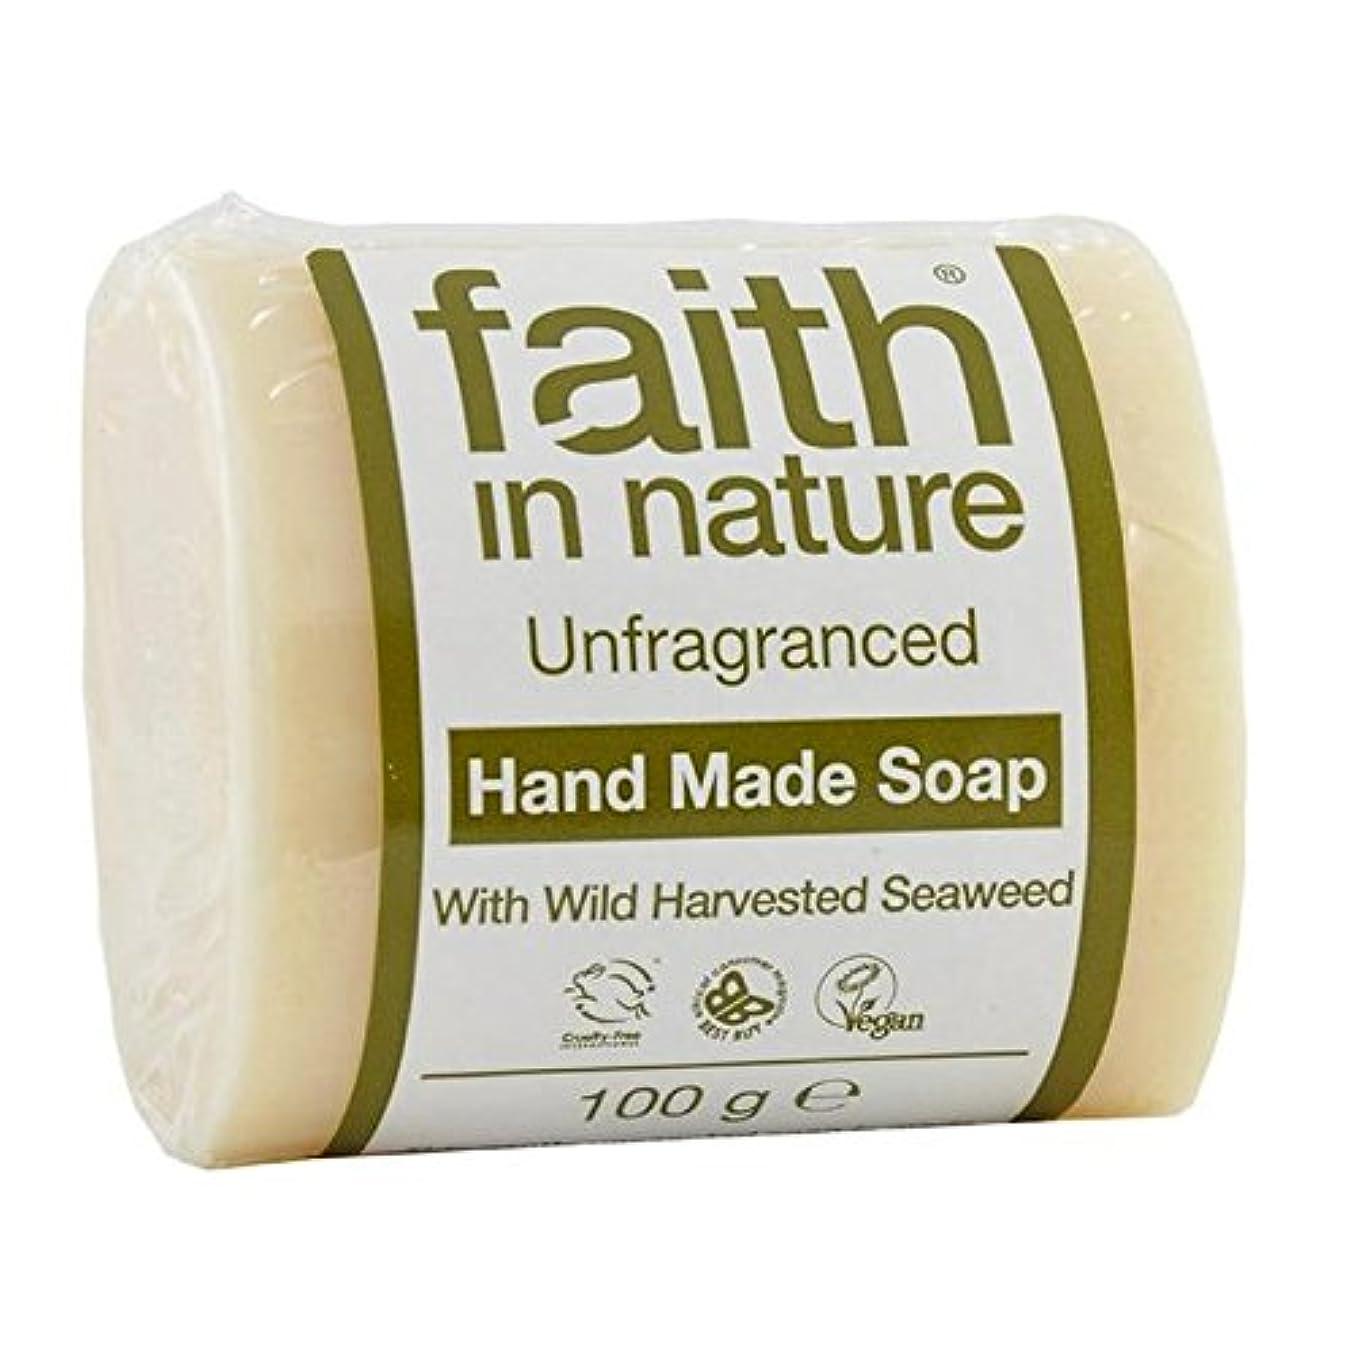 極貧深い苦痛Faith in Nature Unfragranced Pure Hand Made Soap 100g (Pack of 2) - (Faith In Nature) 自然の中で信仰は純粋な手作り石鹸100グラムを無香料...